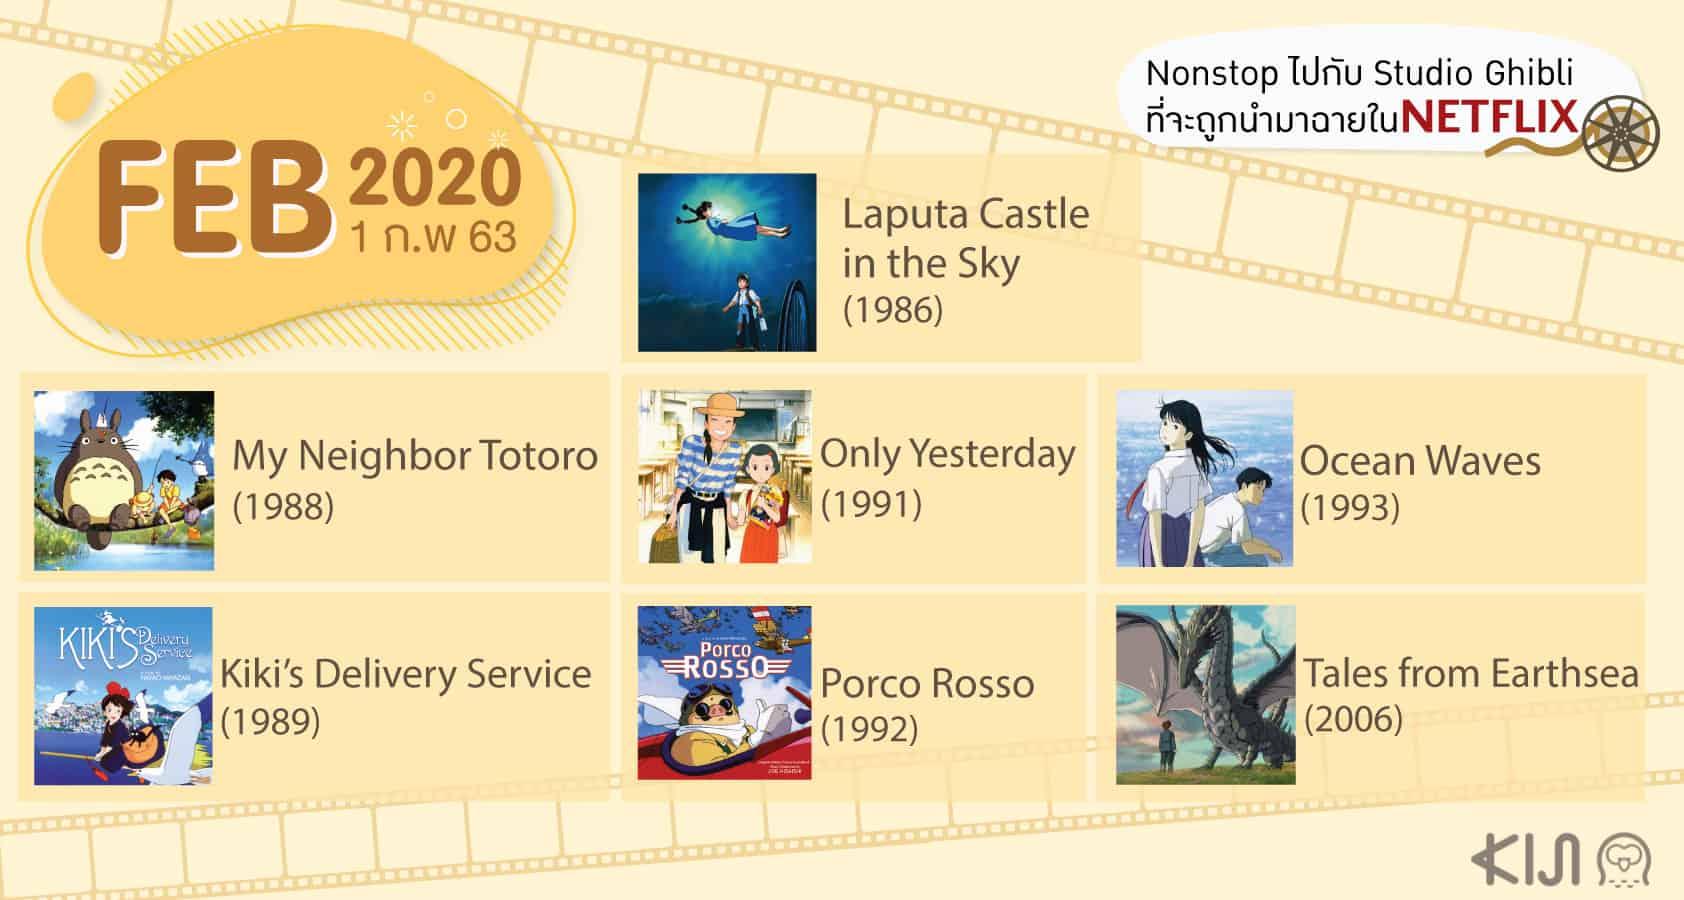 การ์ตูน Studio Ghibli ใน Netflix กุมภาพันธ์ 2020